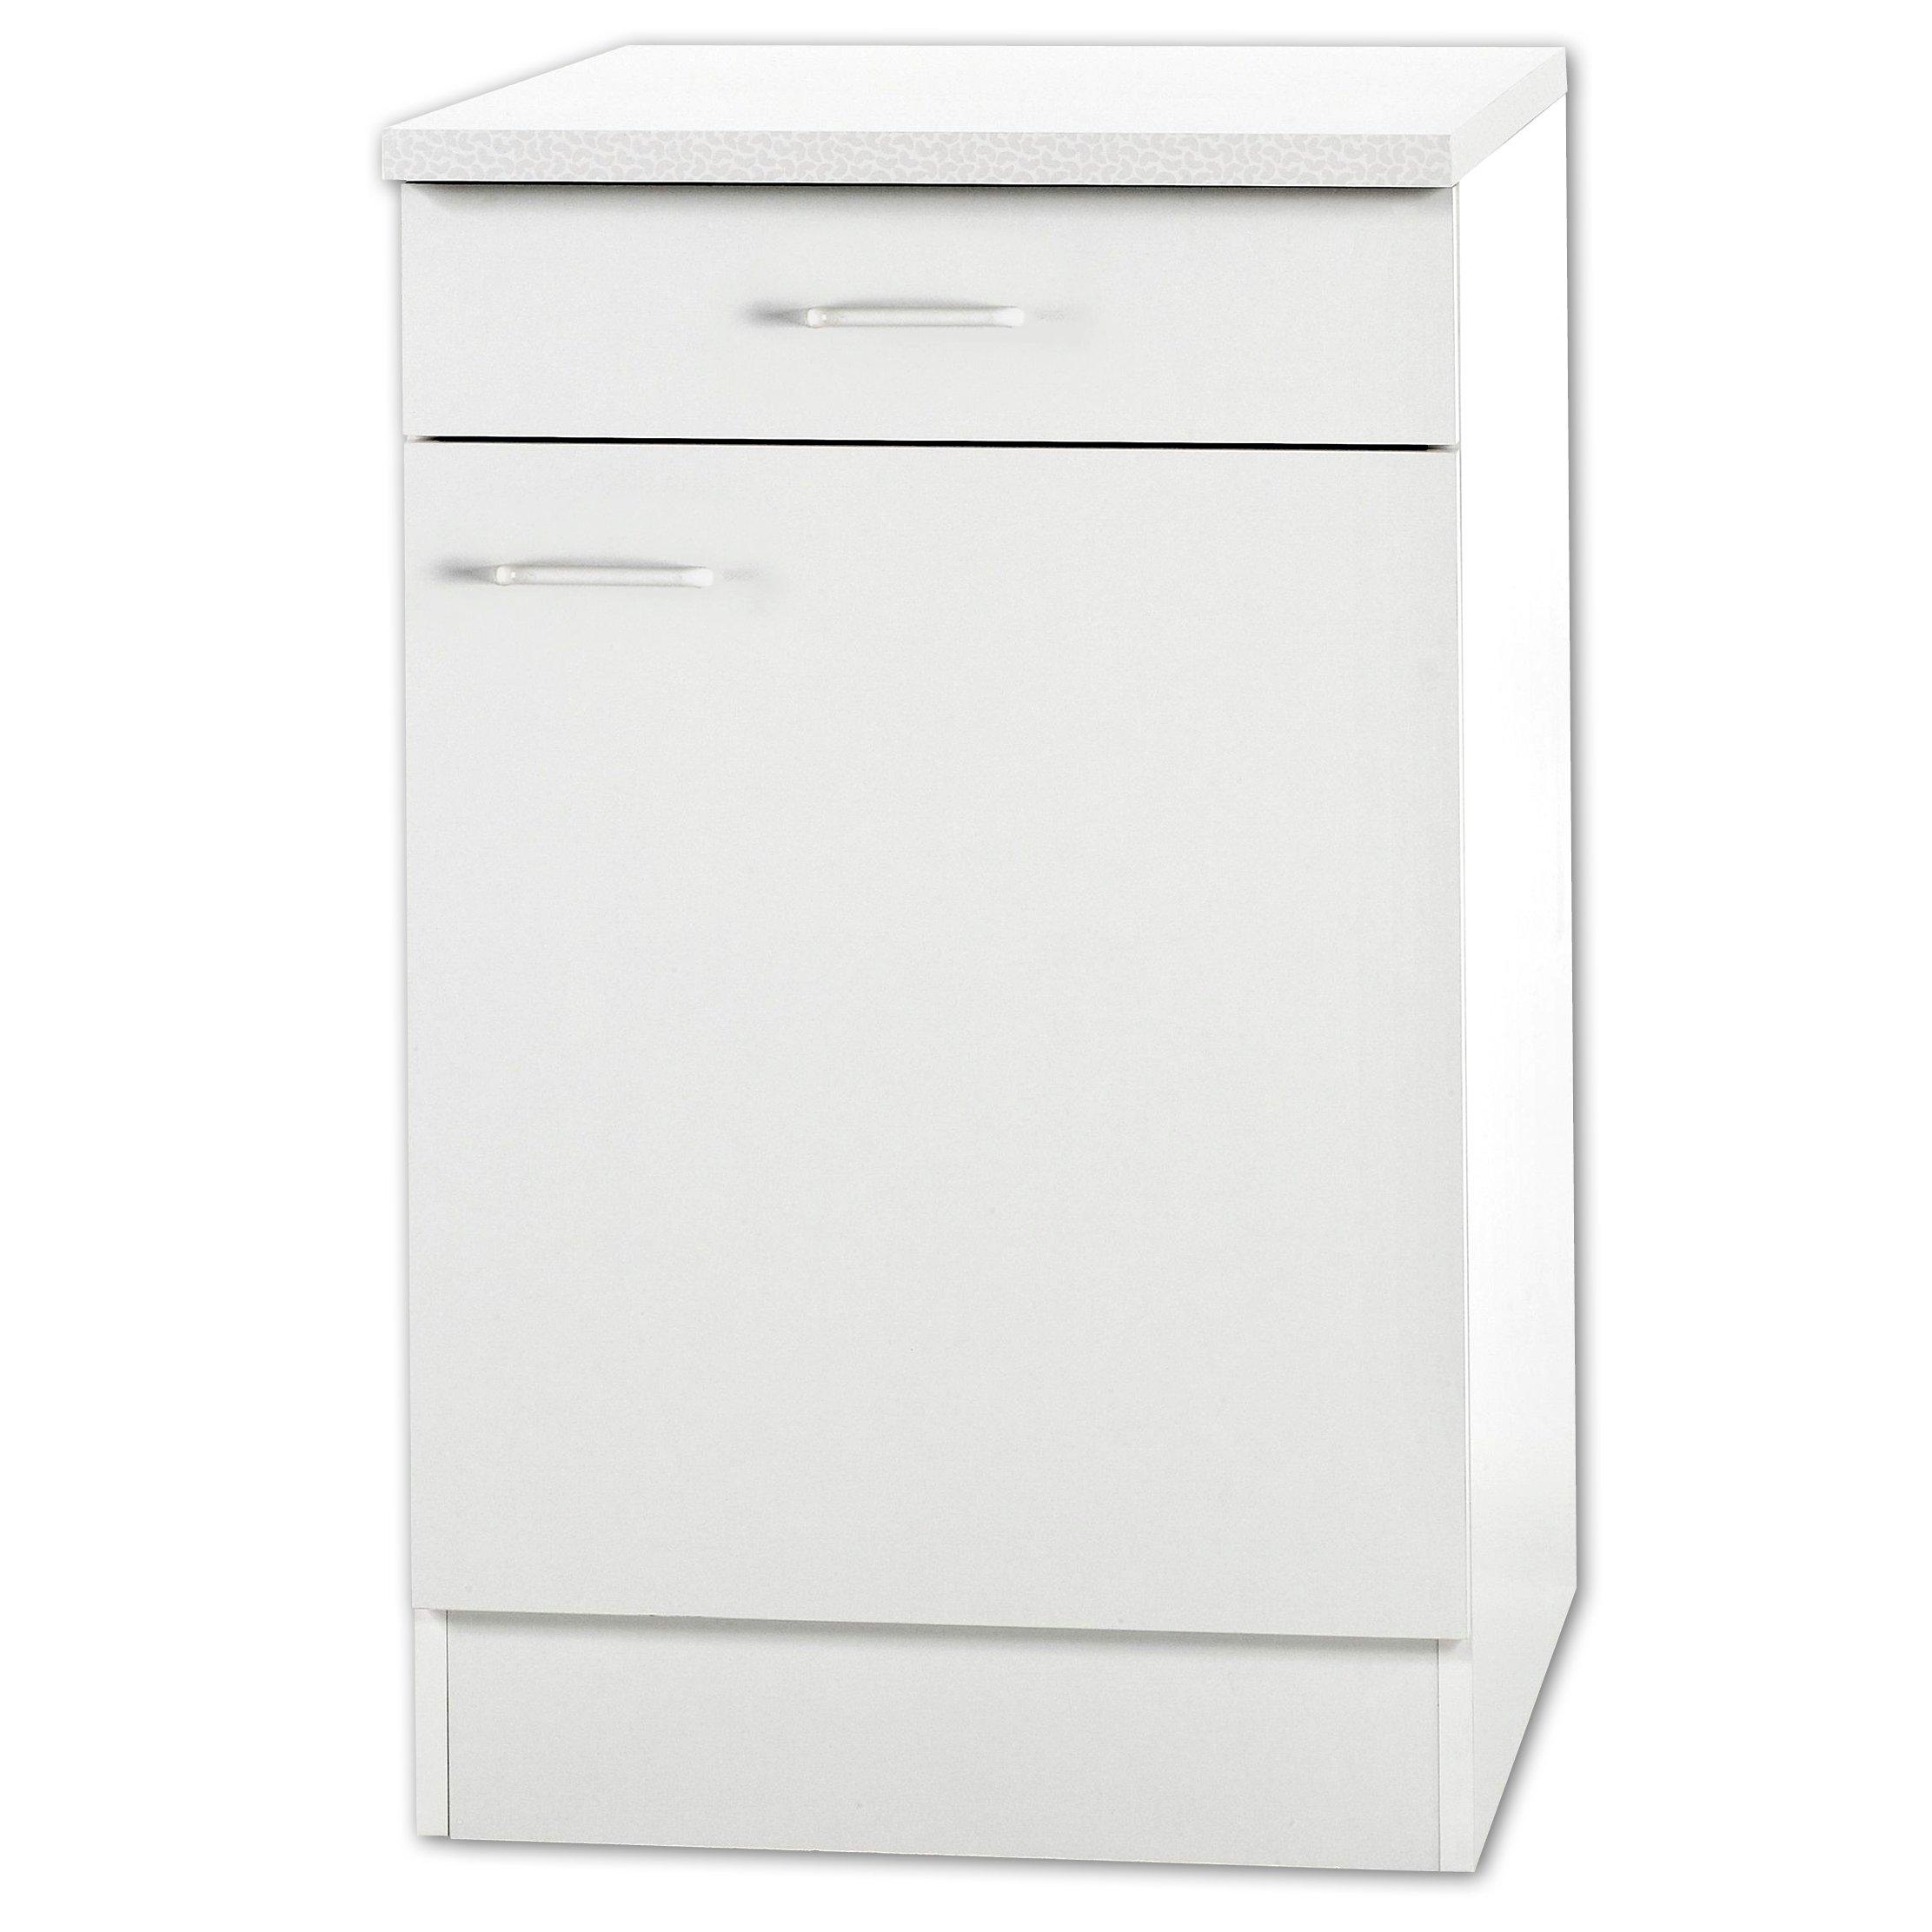 Full Size of Kchenunterschrank Klassik Wei Mit Arbeitsplatte 50 Cm Breit Wohnzimmer Küchenunterschrank